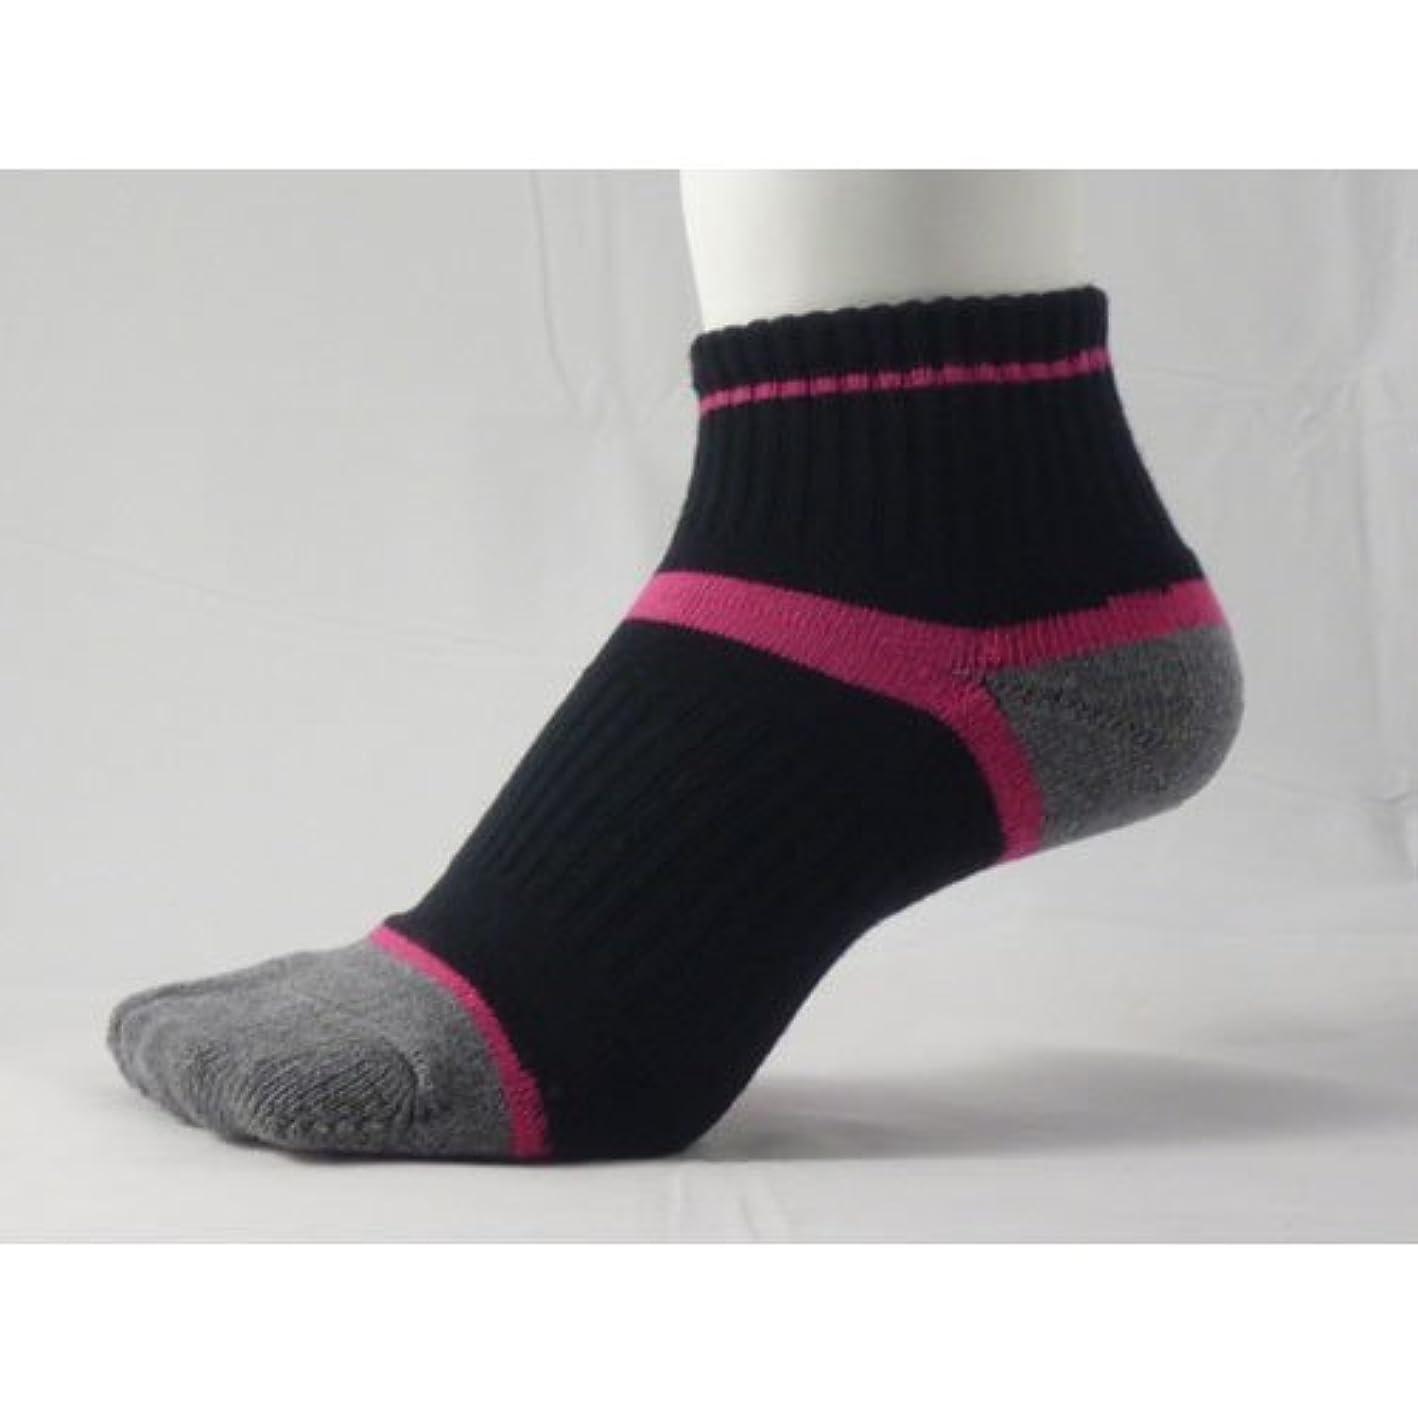 ジム綺麗な実行可能草鞋ソックス S(22-24cm)ピンク 【わらじソックス】【炭の靴下】【足袋型】